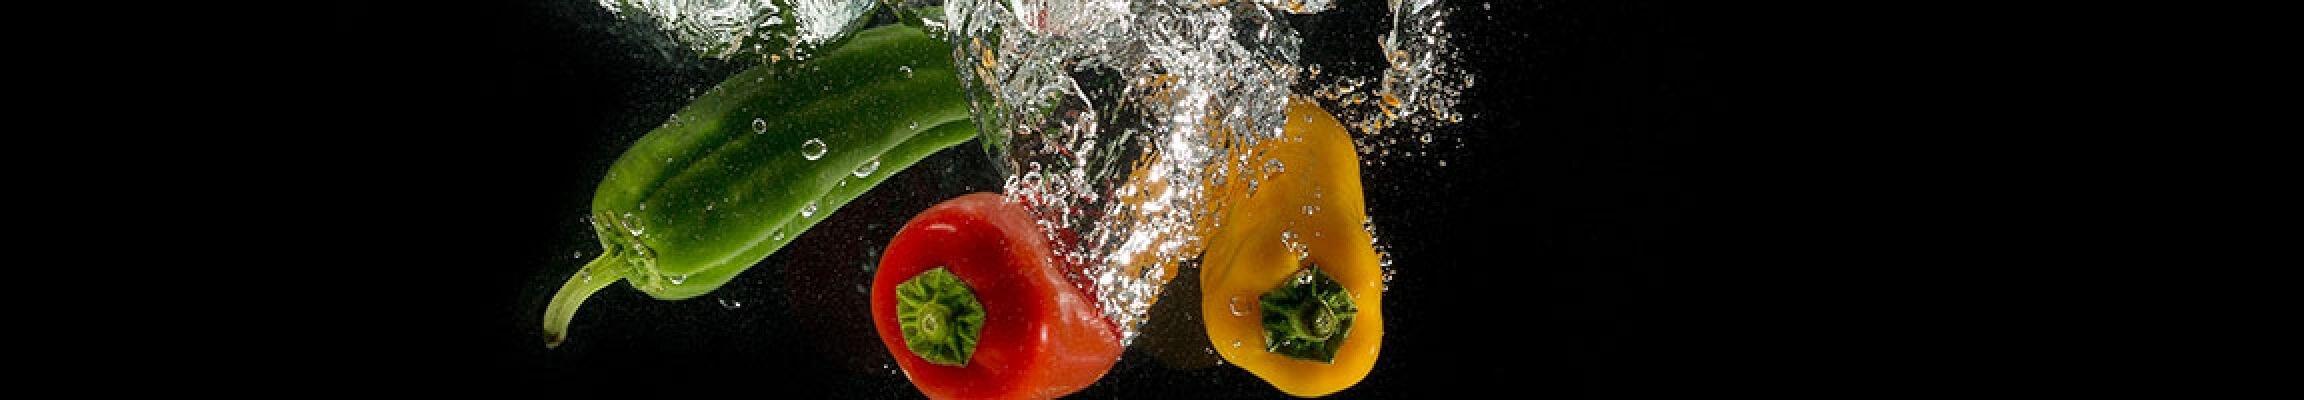 Deload Ernährung - Wie essen in der Deload Phase